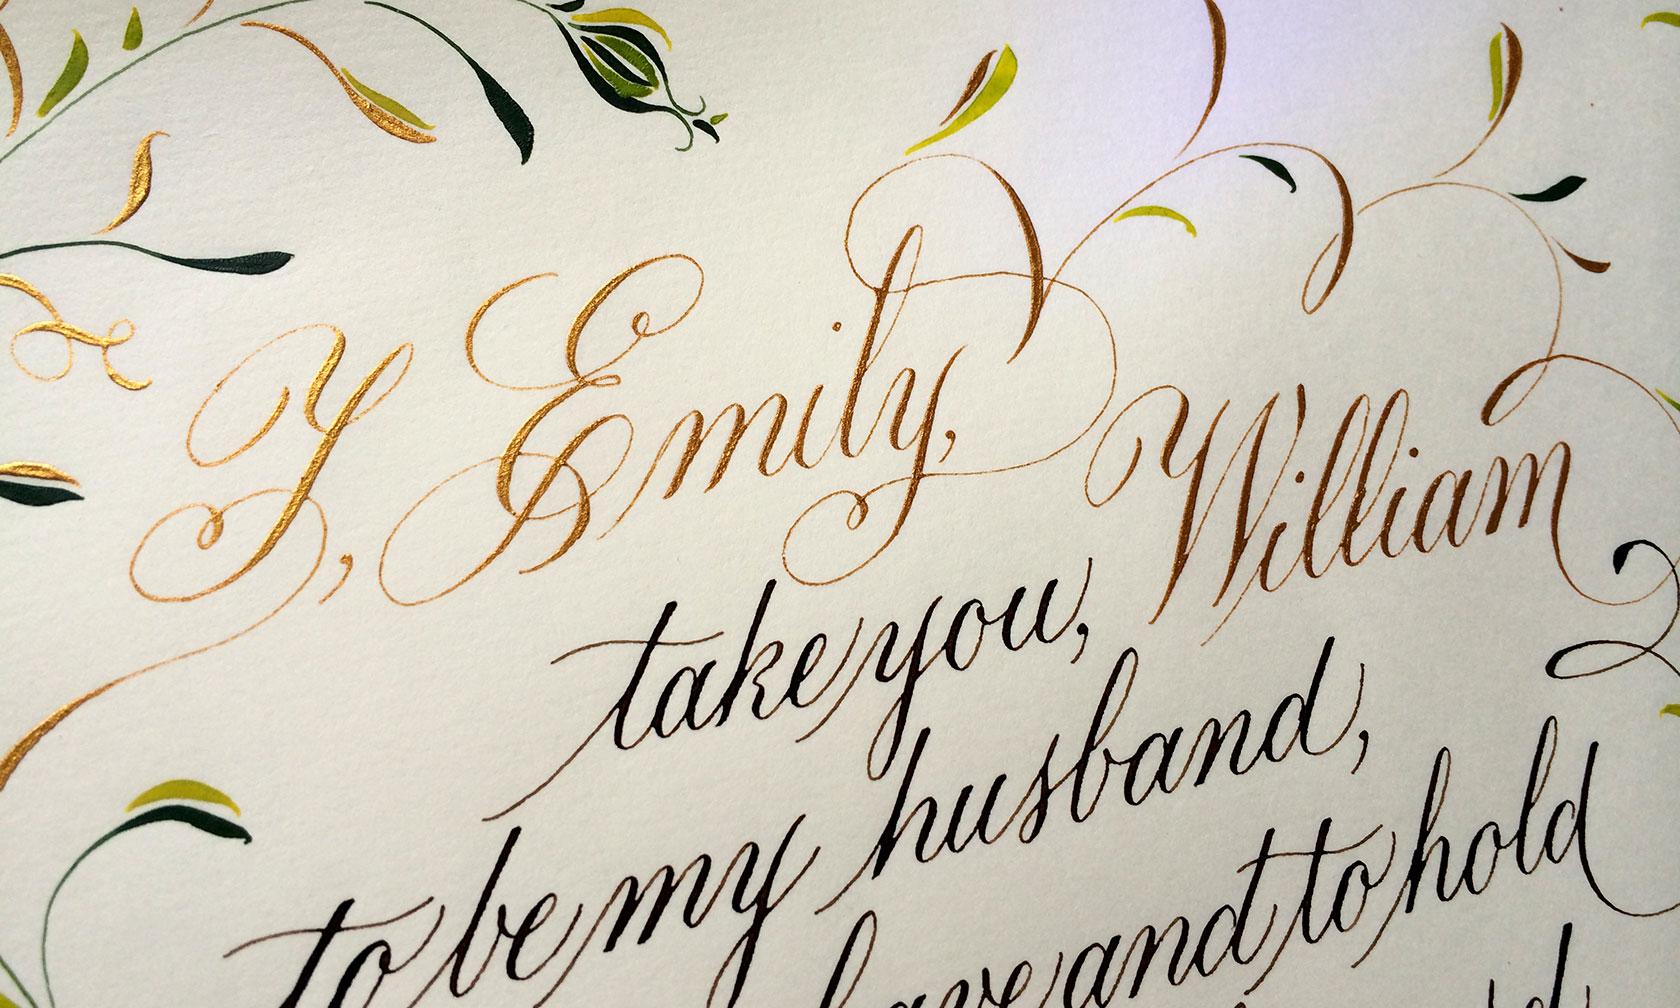 ehegelbnis - Ehegelobnis Beispiele